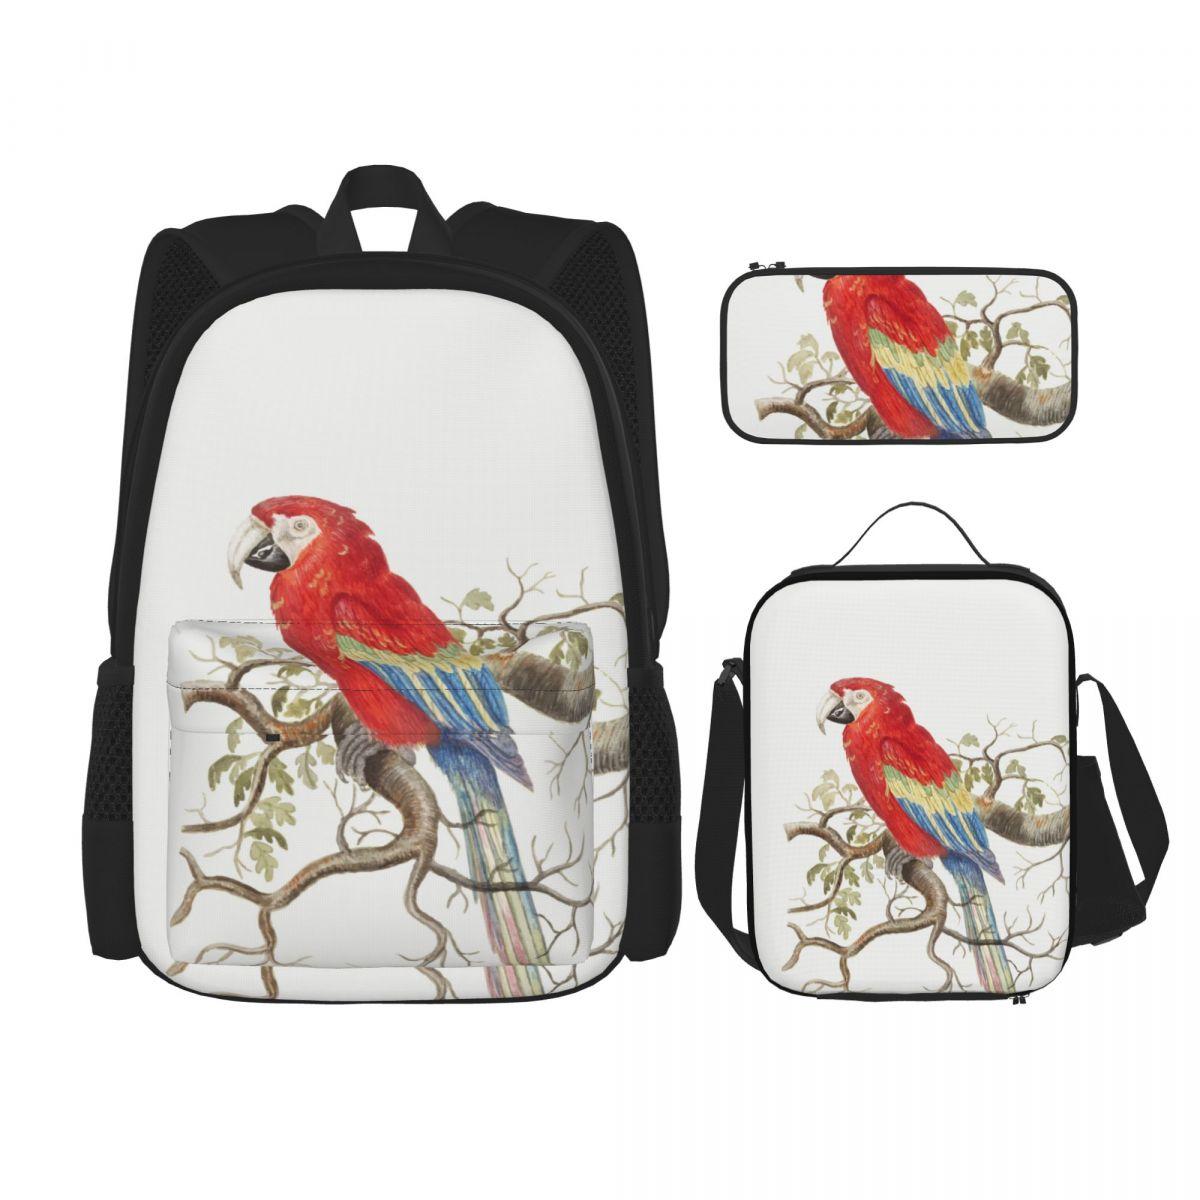 حقائب للمراهقين المدرسية القرمزي ماكاو حقيبة المدرسة خمر مجموعة حقيبة الظهر حقيبة أطفال لطيف كتاب